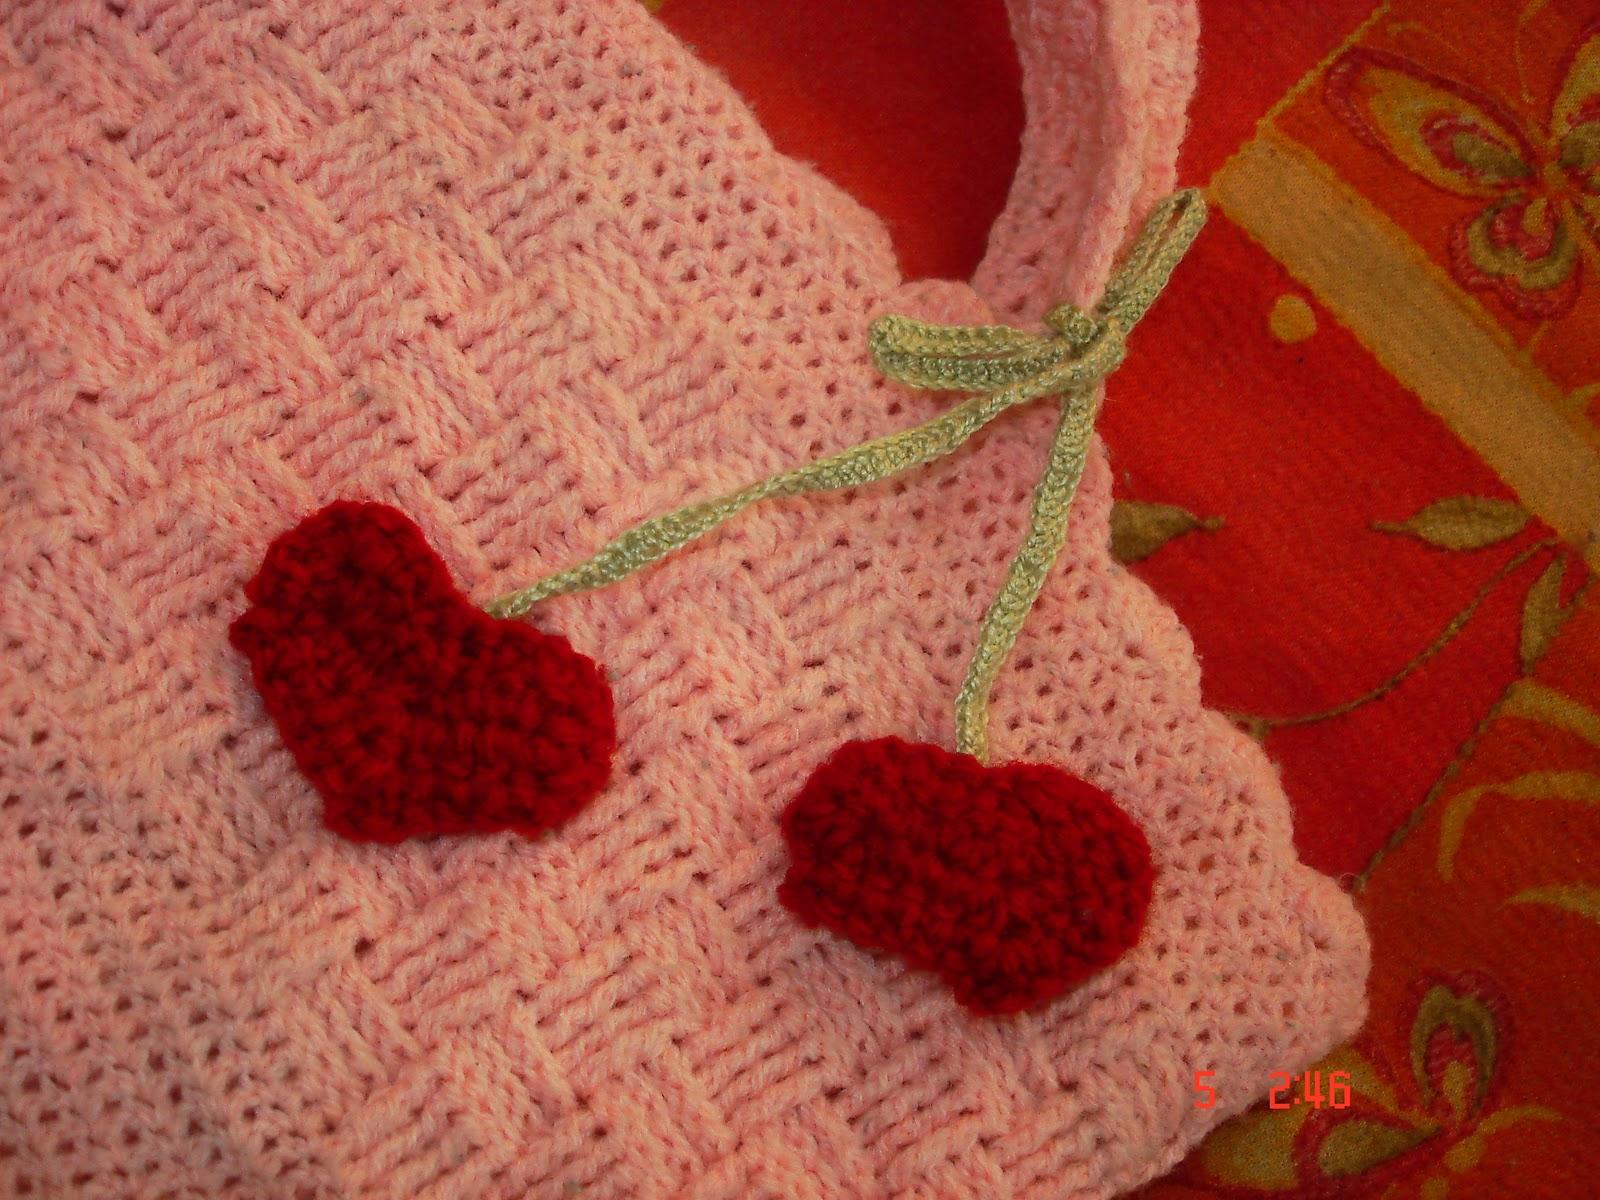 Basket Weave Tutorial Crochet : The lazy hobbyhopper crochet basket weave pattern